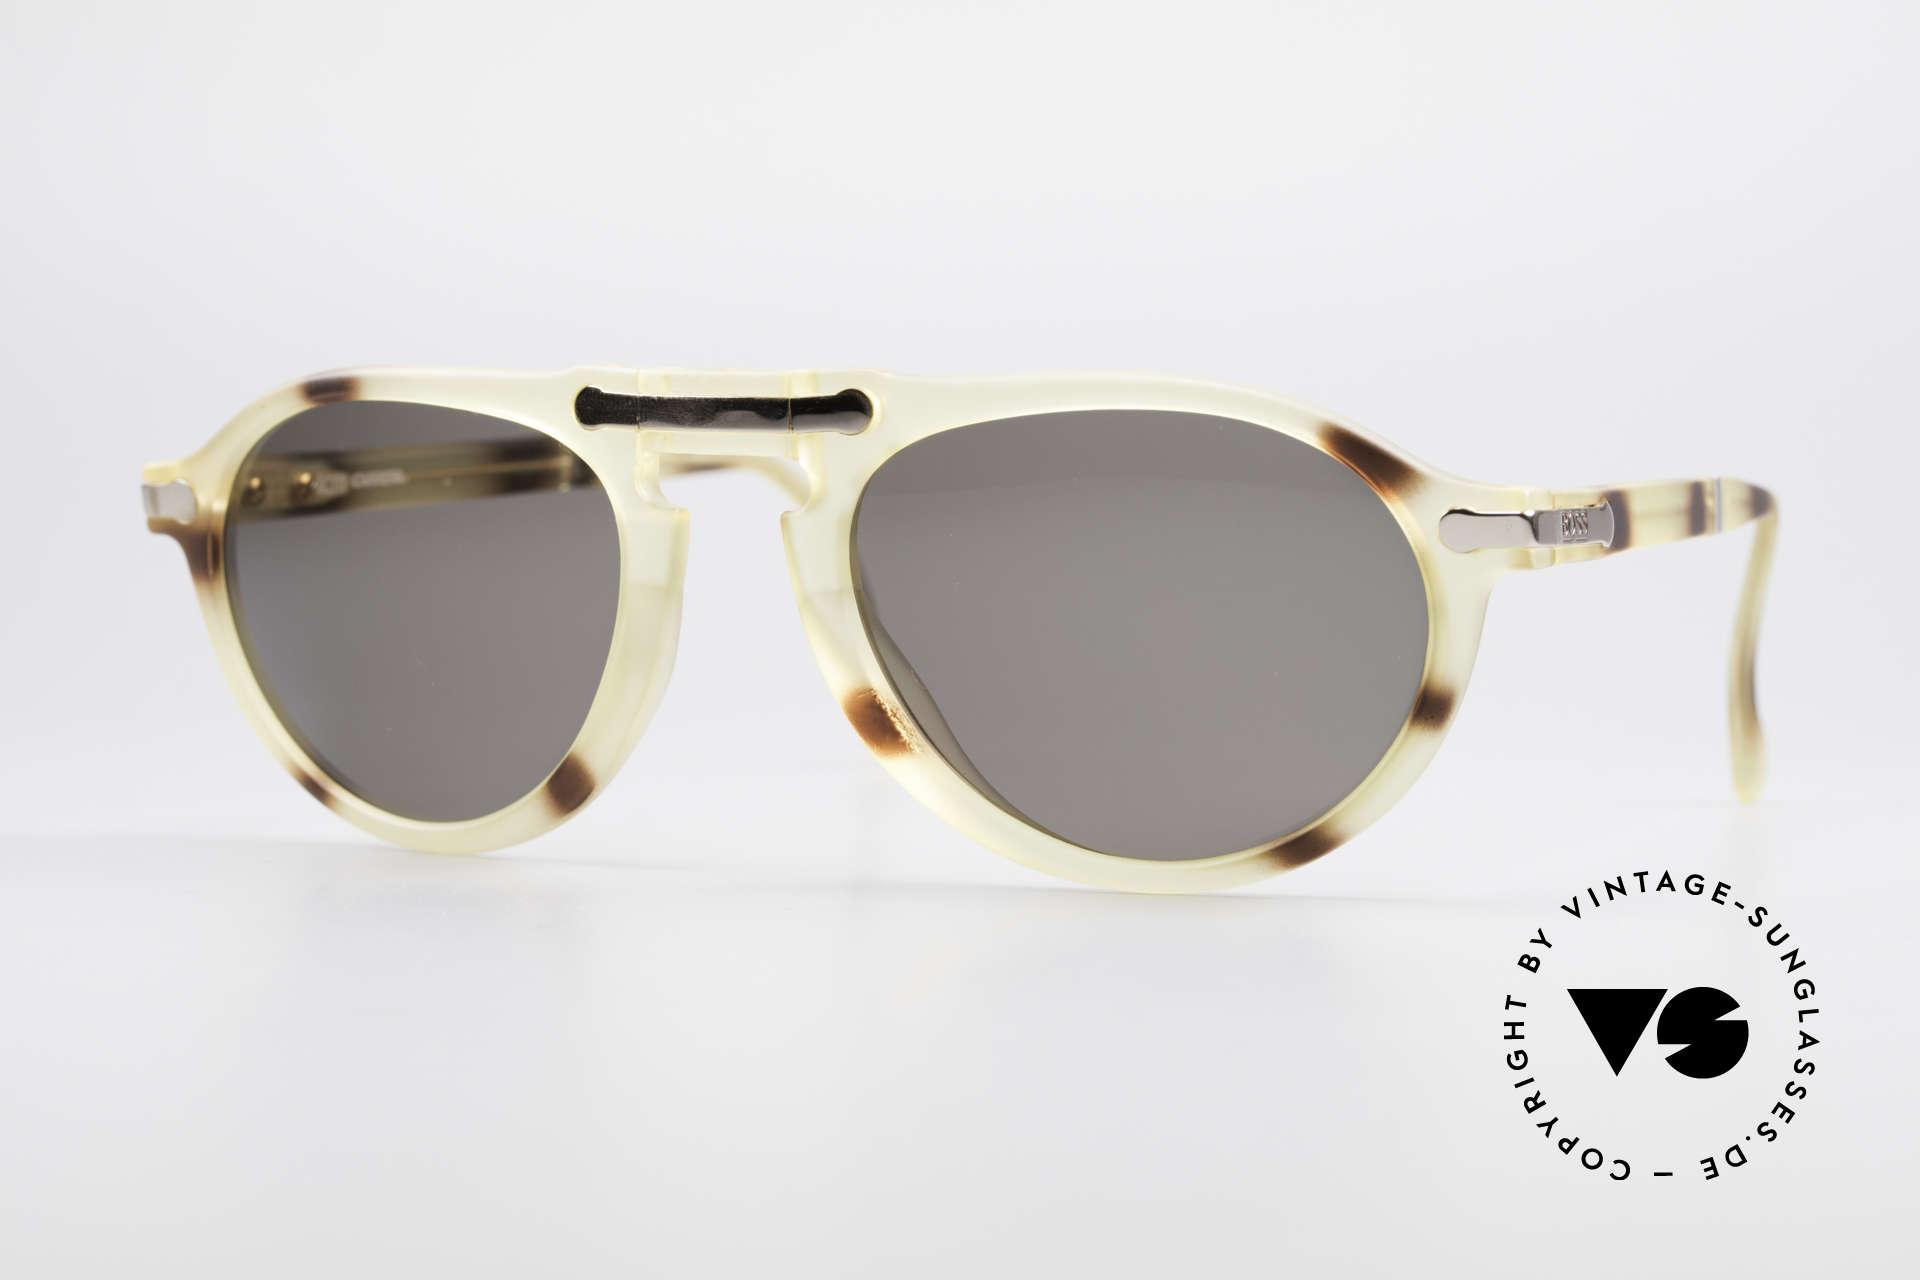 BOSS 5153 Vintage Faltsonnenbrille 90er, geniale BOSS vintage Faltsonnenbrille, Top-Qualität, Passend für Herren